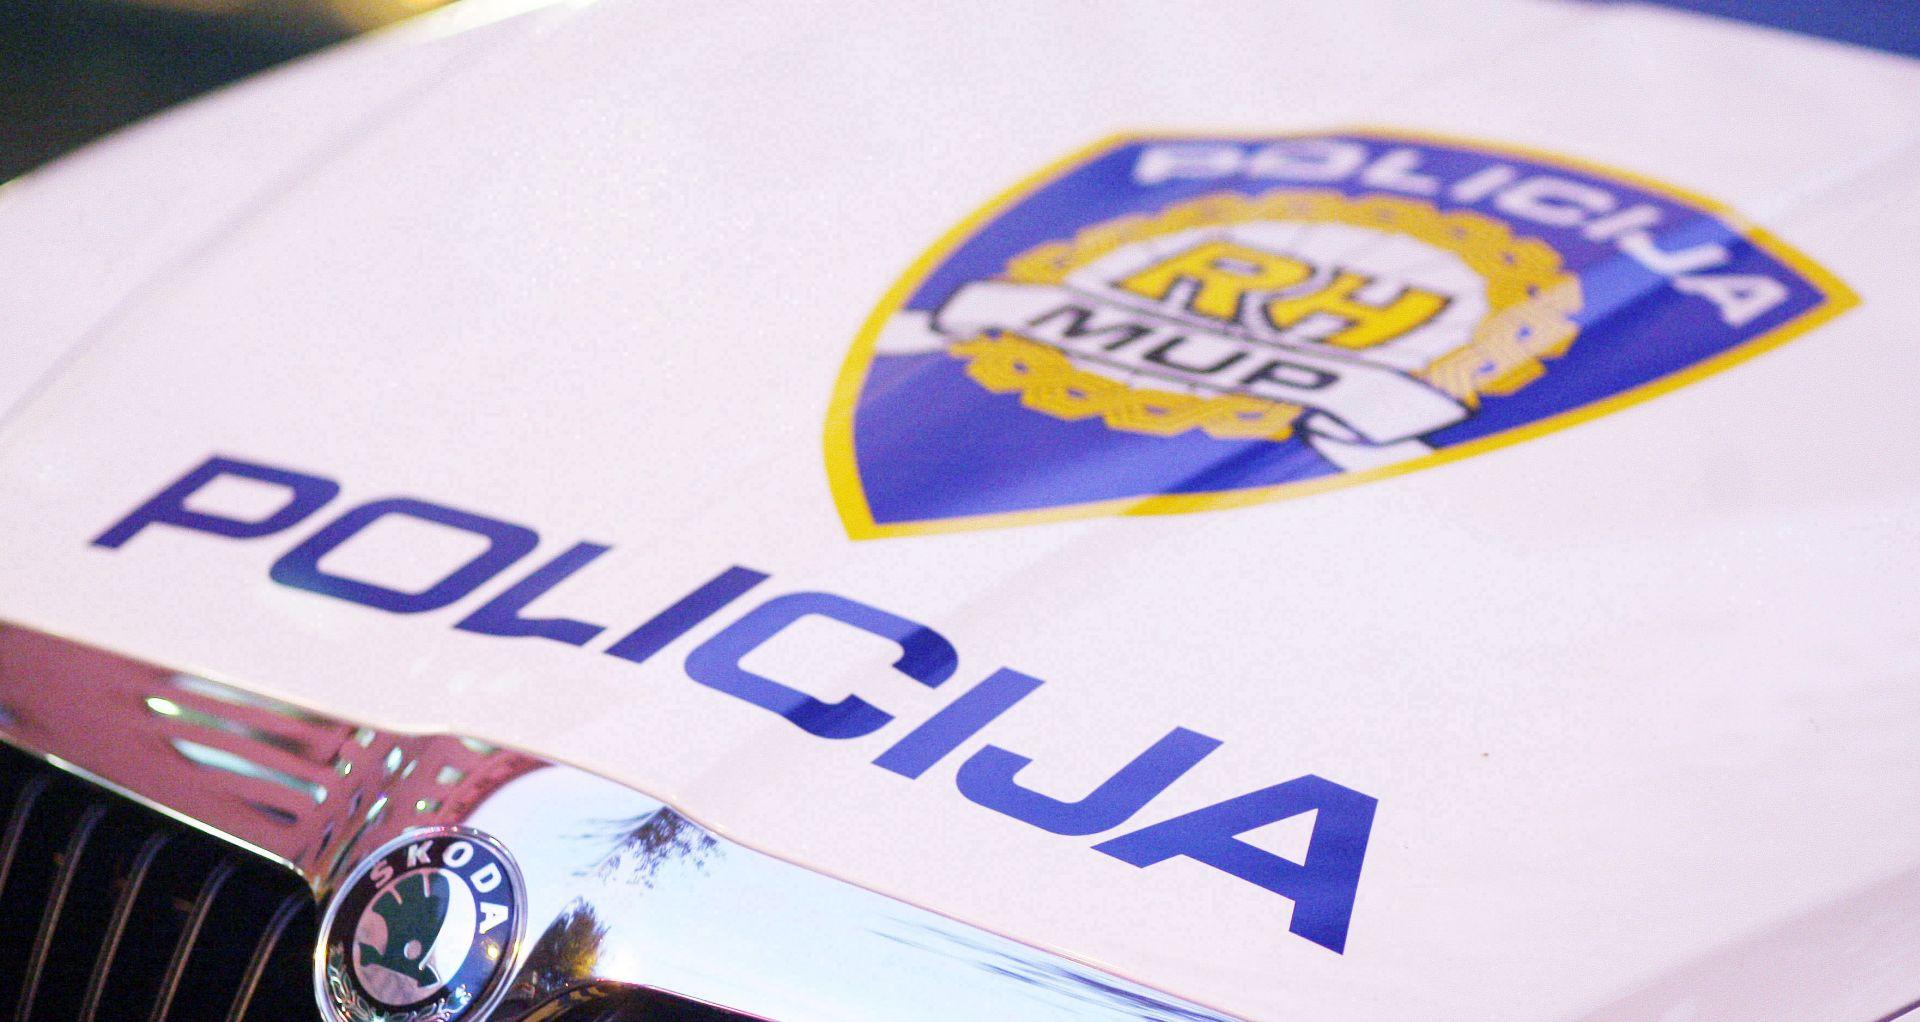 IVANSKA U prometnoj nesreći poginuo 66-godišnjak